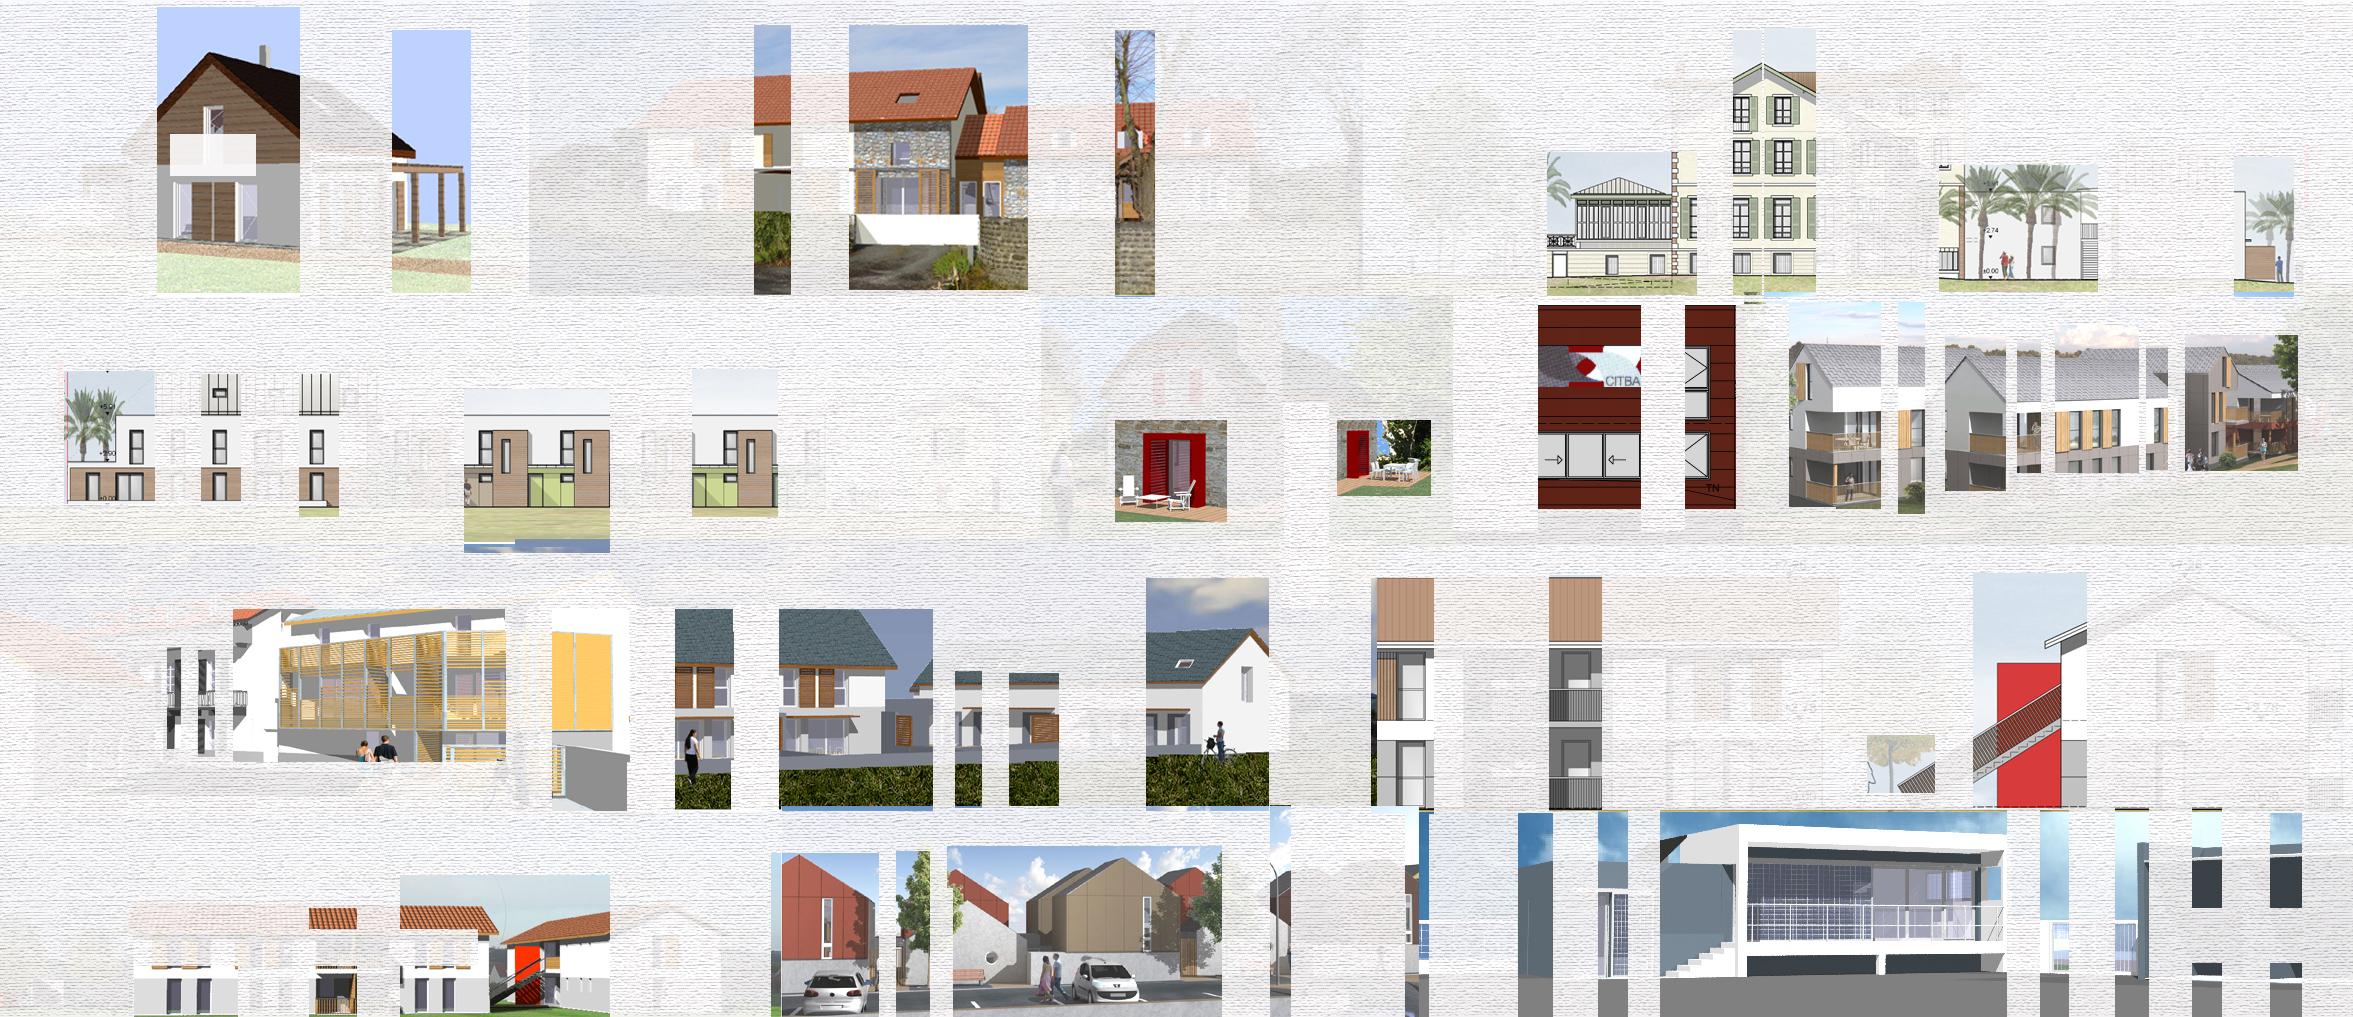 Diaporama de quitterie valmary ordre des architectes for Ordre des architectes centre